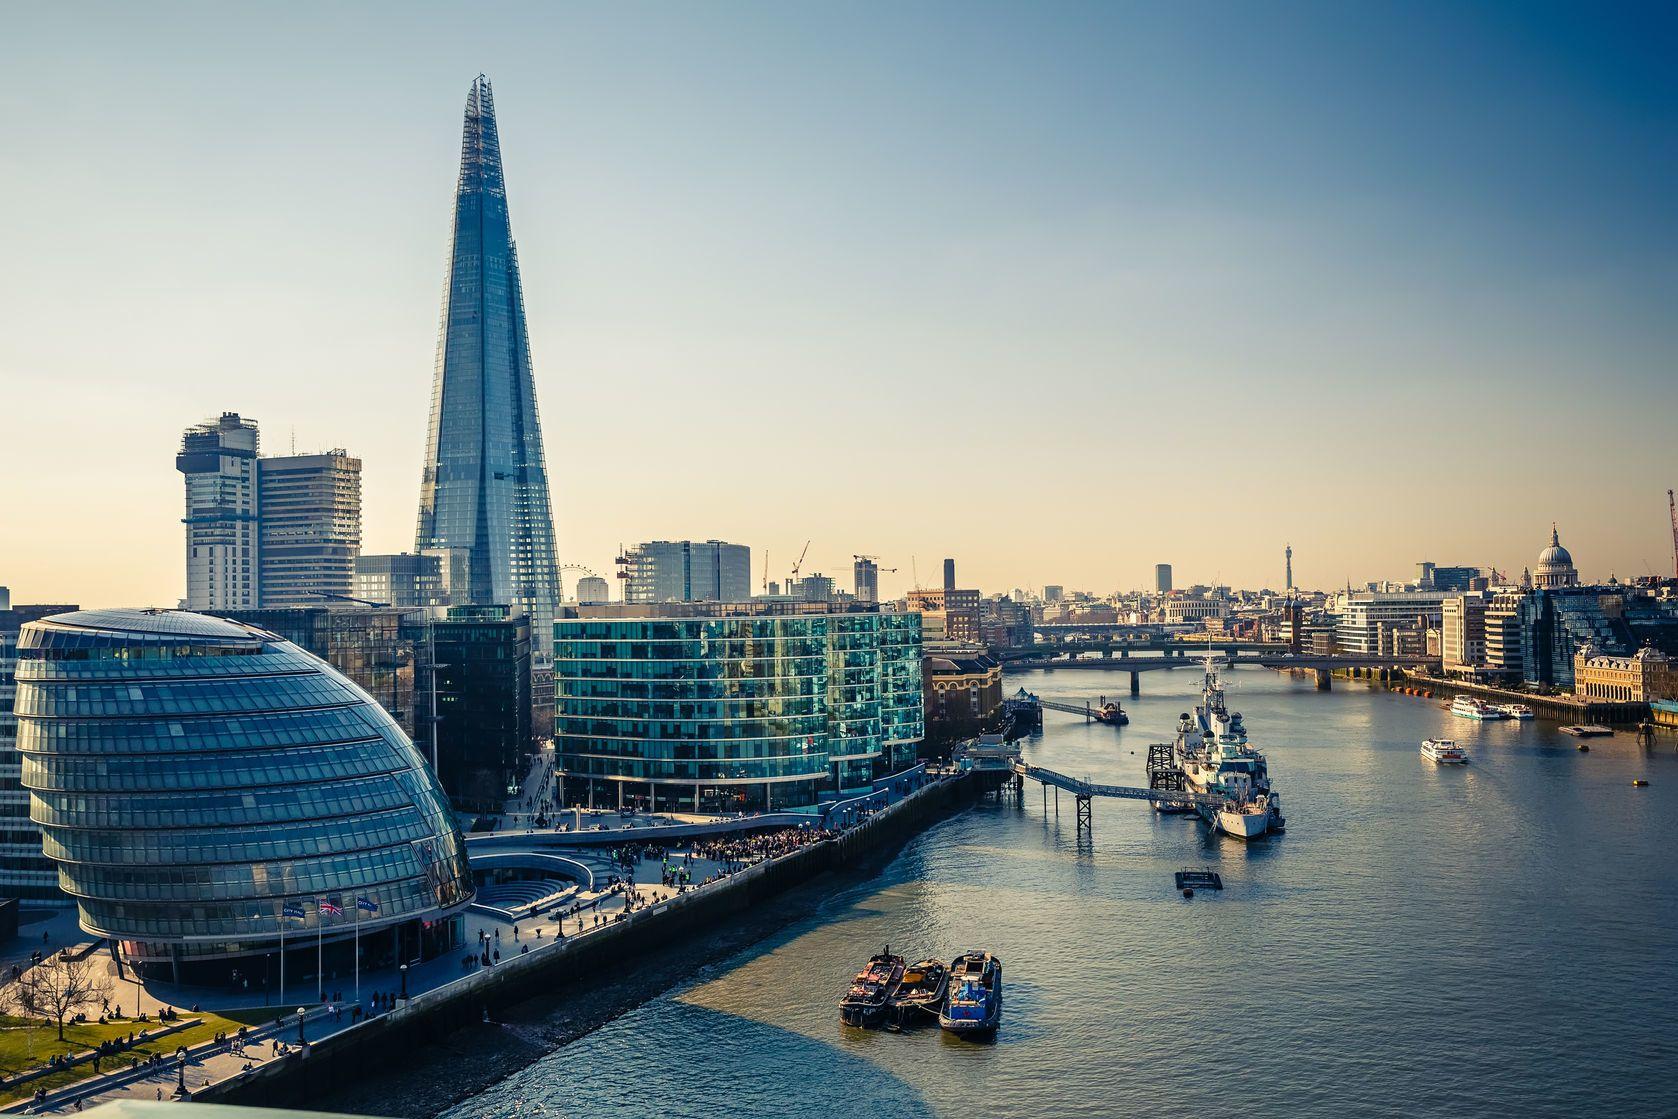 Řeka Temže v Londýně | sborisov/123RF.com